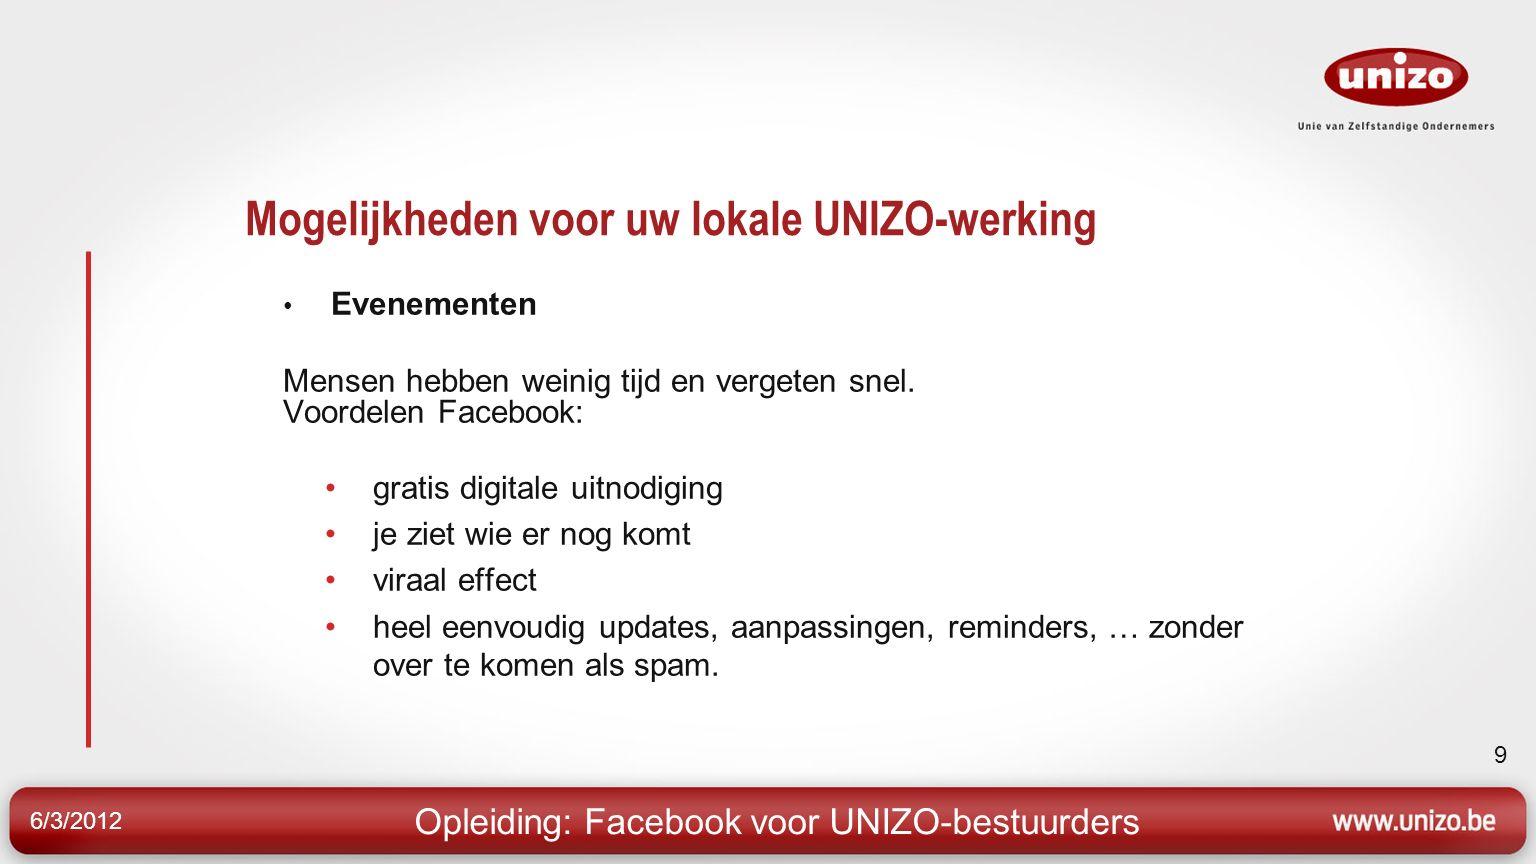 6/3/2012 9 Mogelijkheden voor uw lokale UNIZO-werking Evenementen Mensen hebben weinig tijd en vergeten snel.